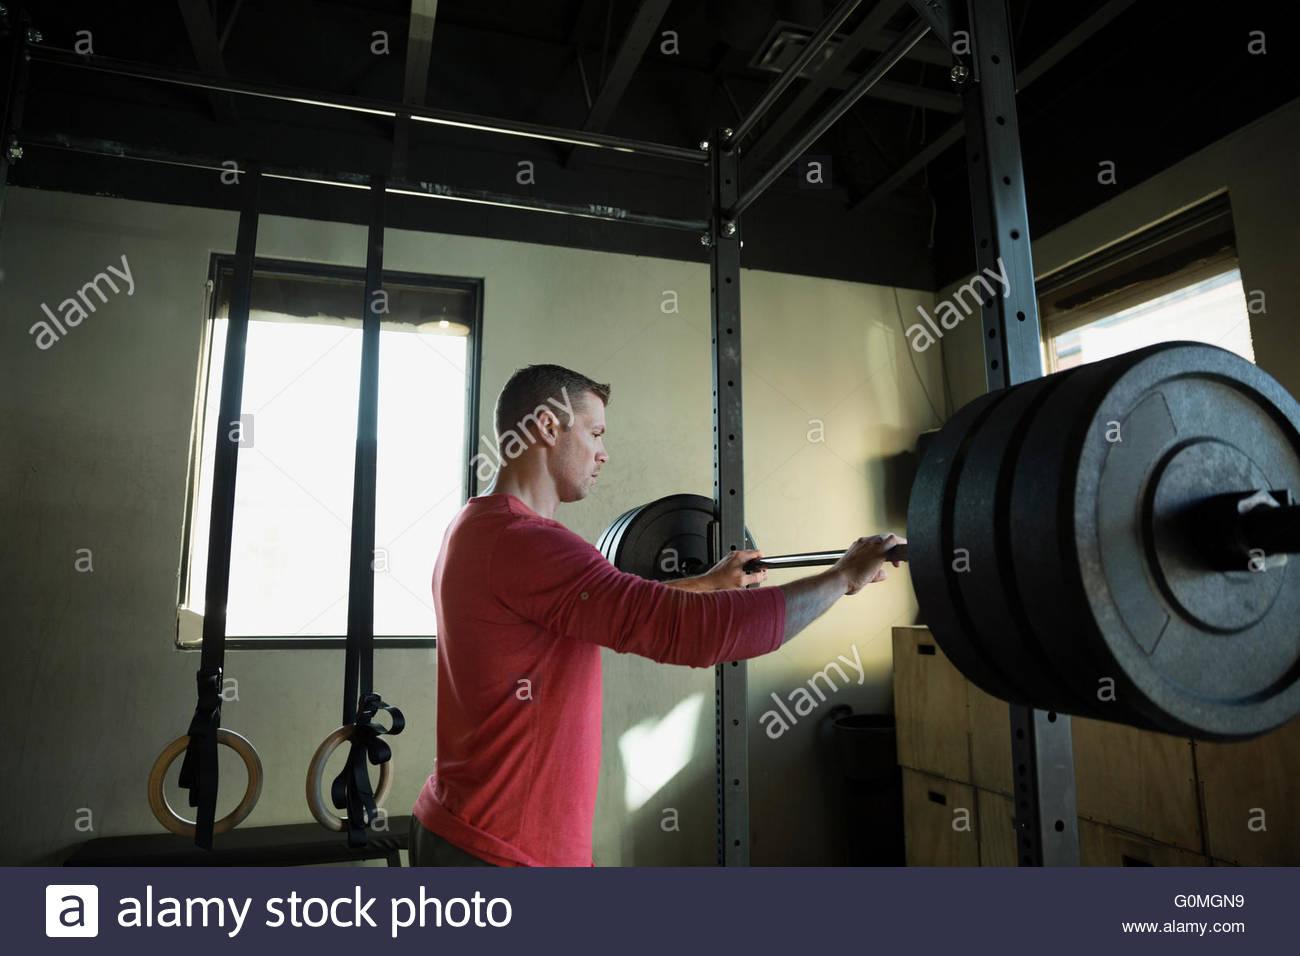 Mann steht auf hocken Hantelablage in Turnhalle Stockbild